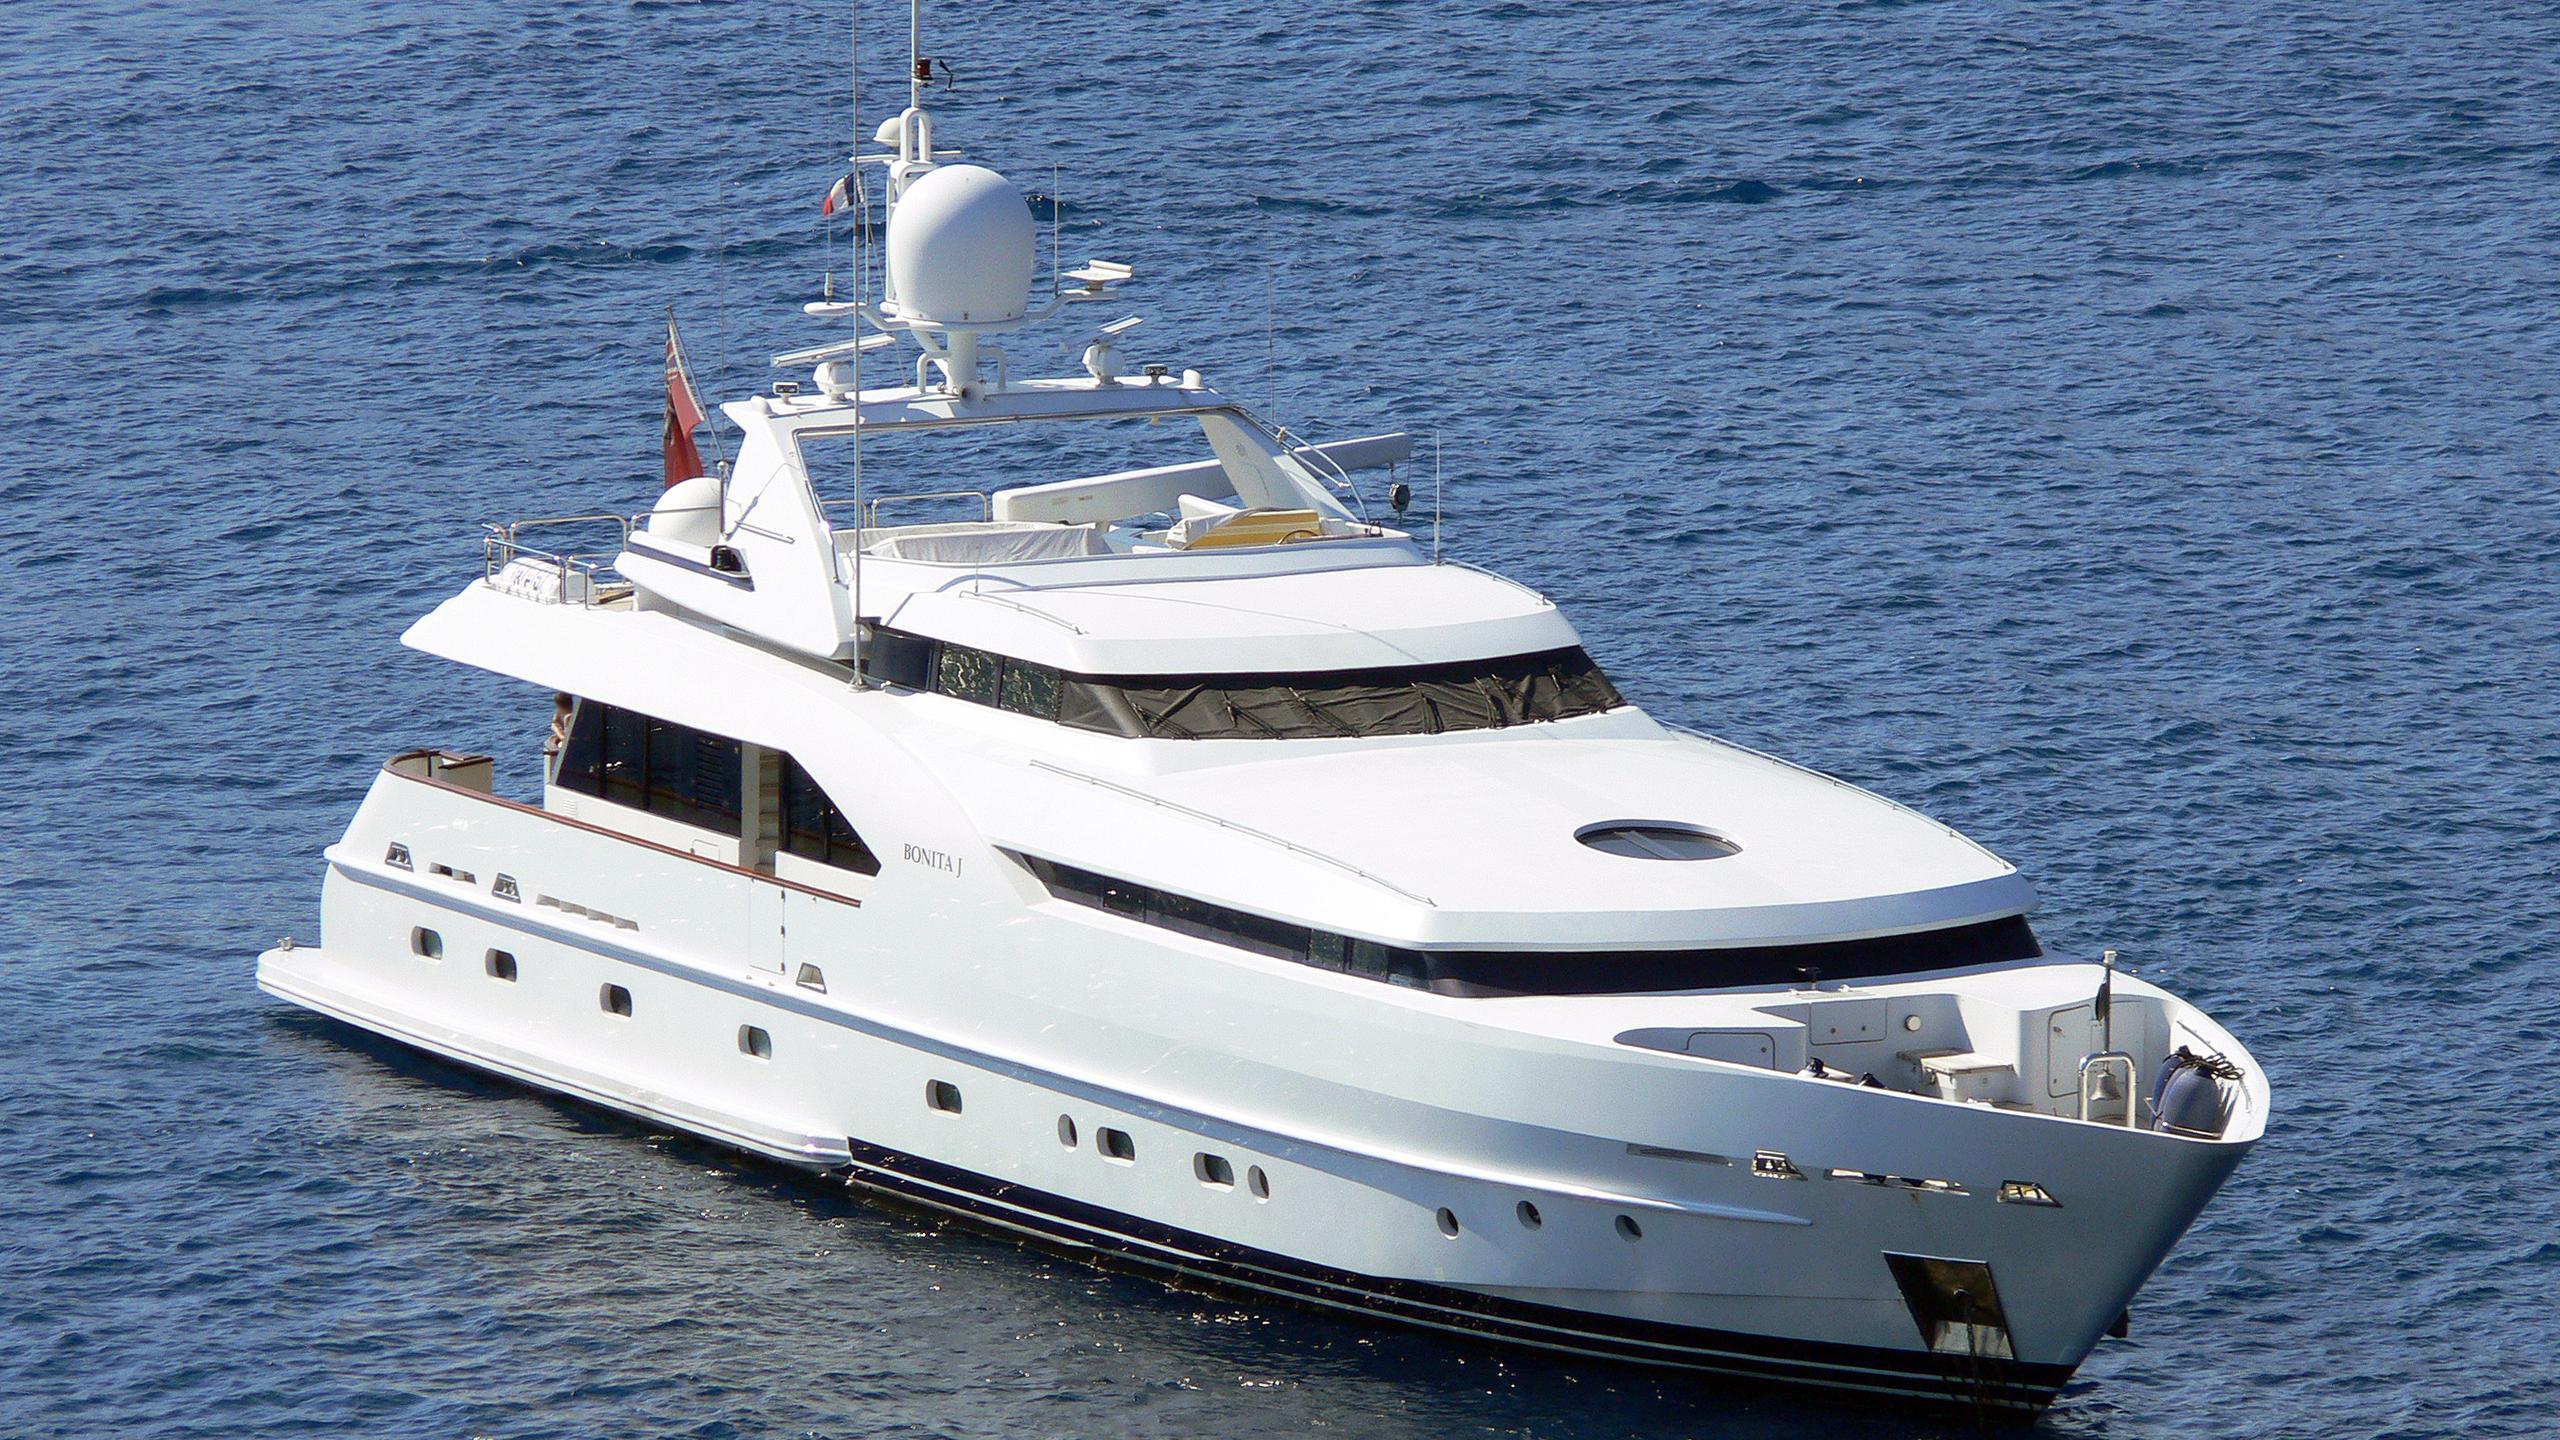 azul-a-yacht-exterior